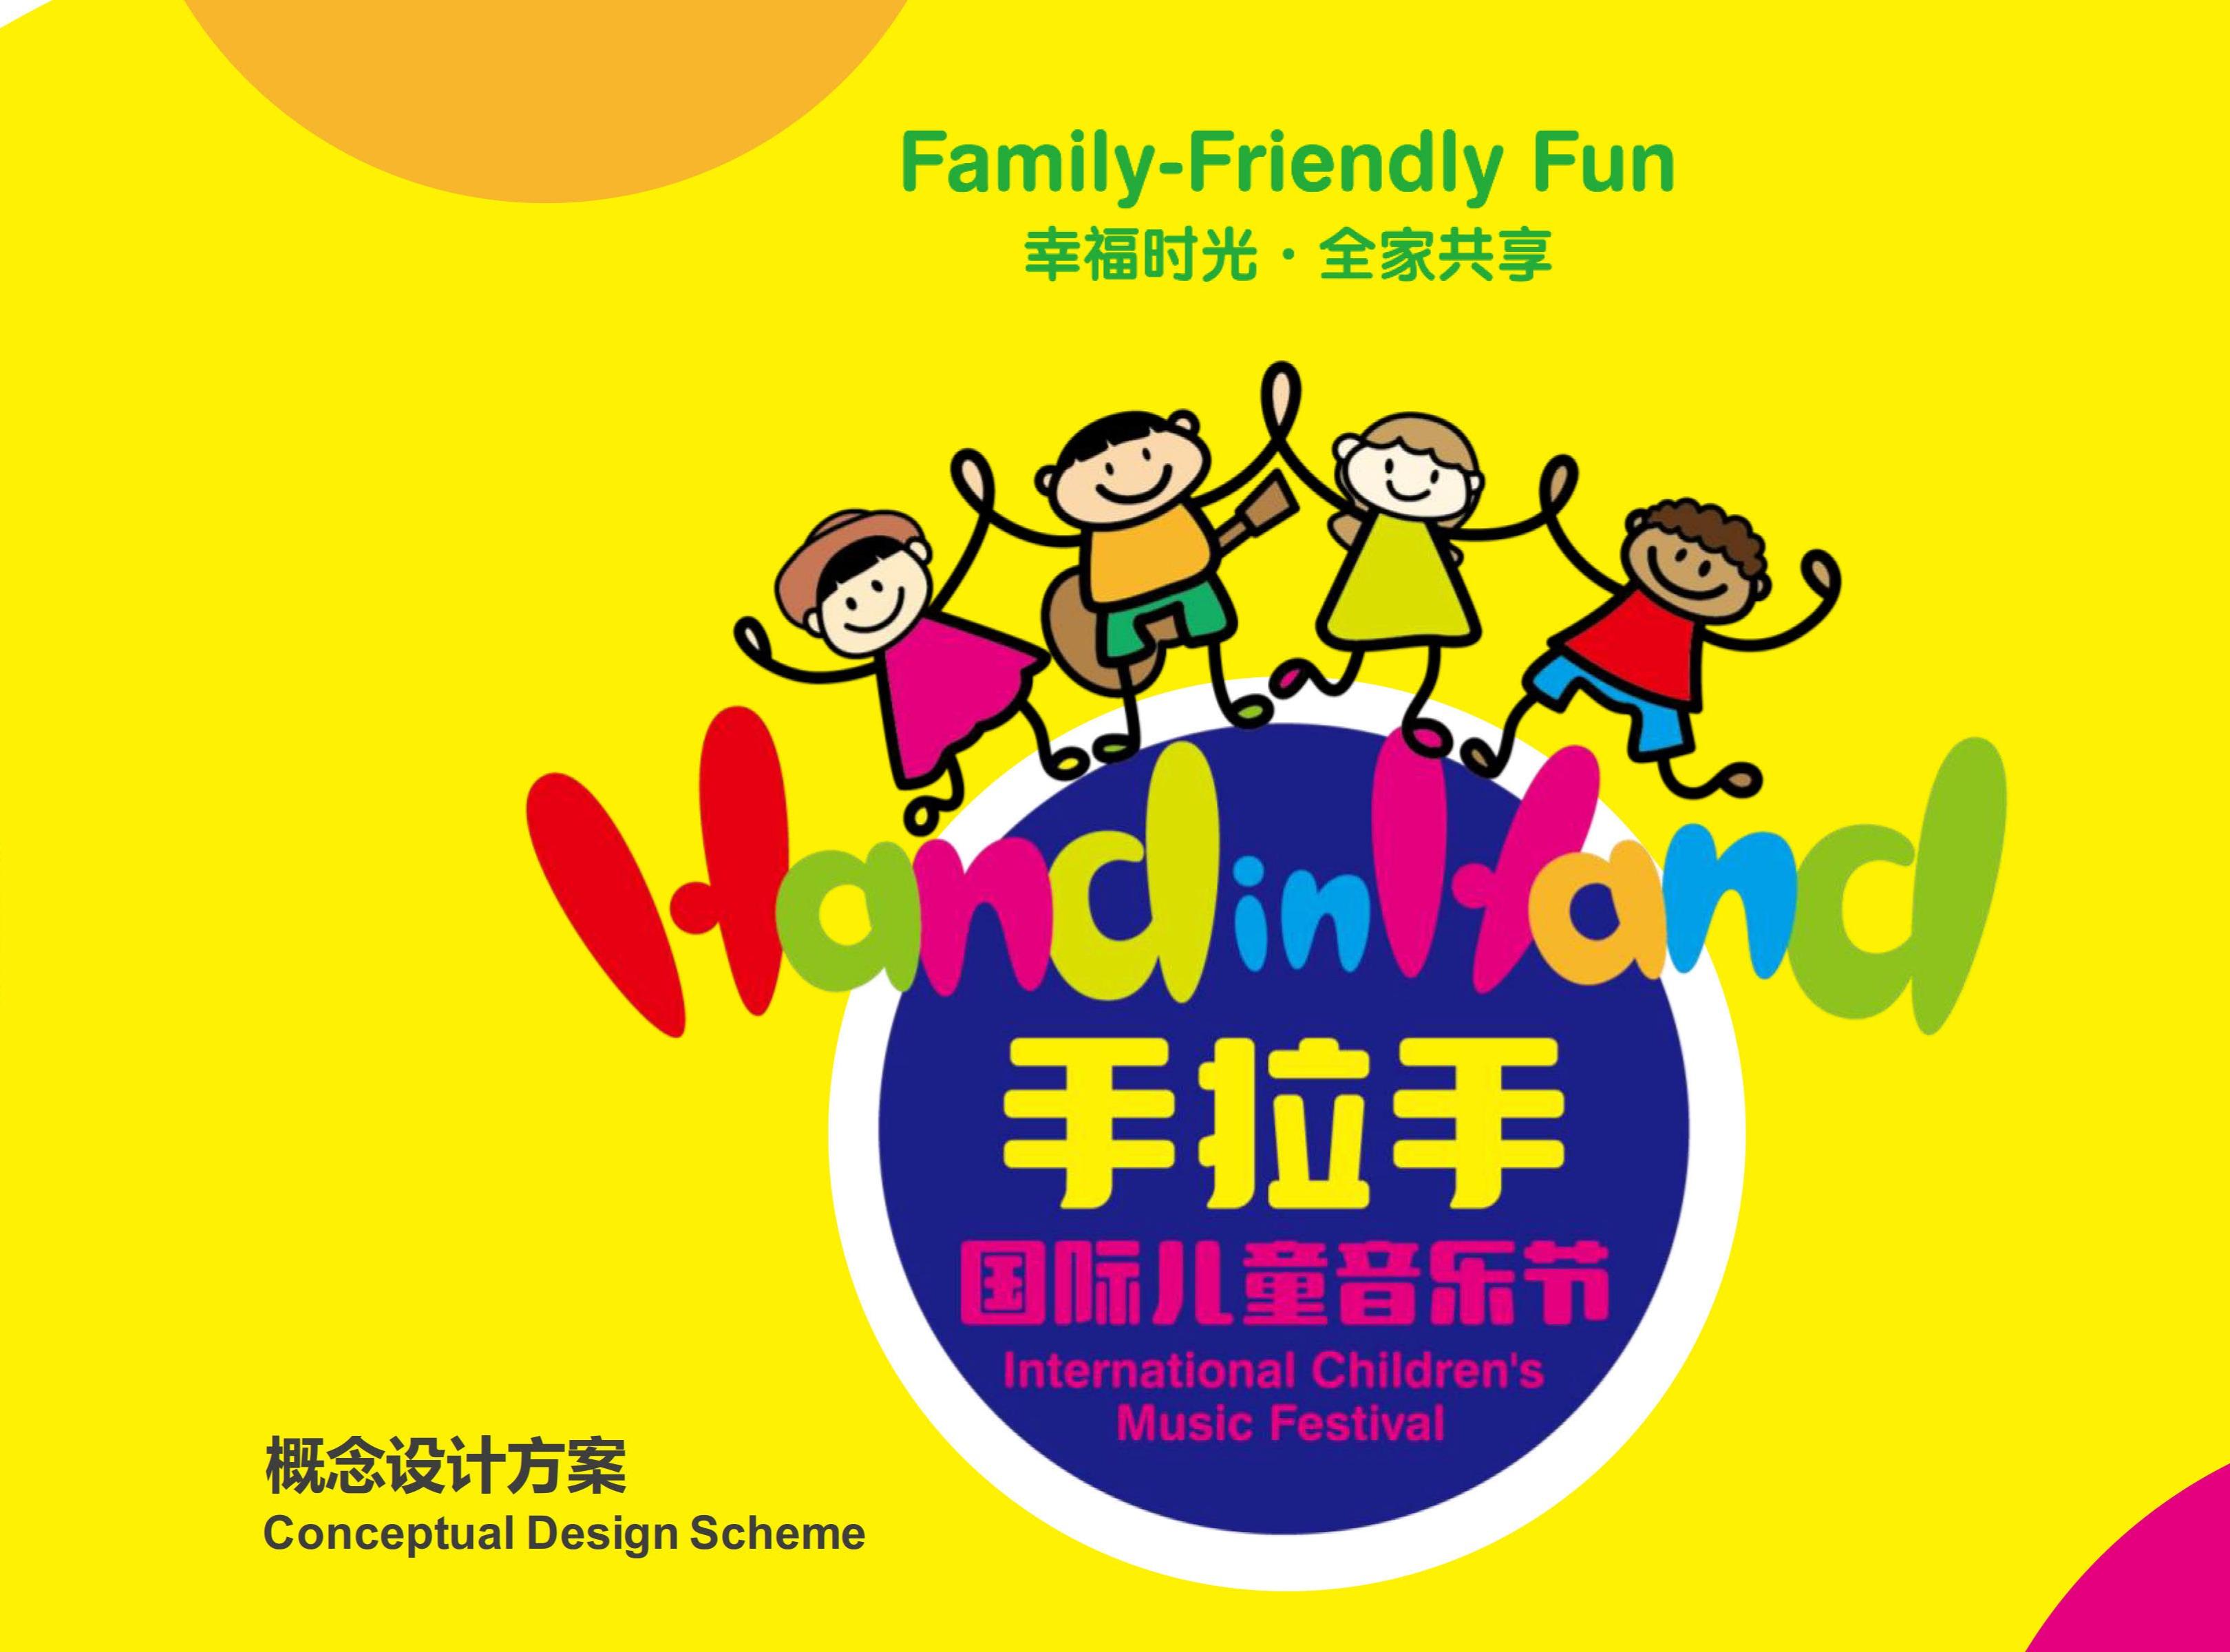 手拉手国际儿童音乐节